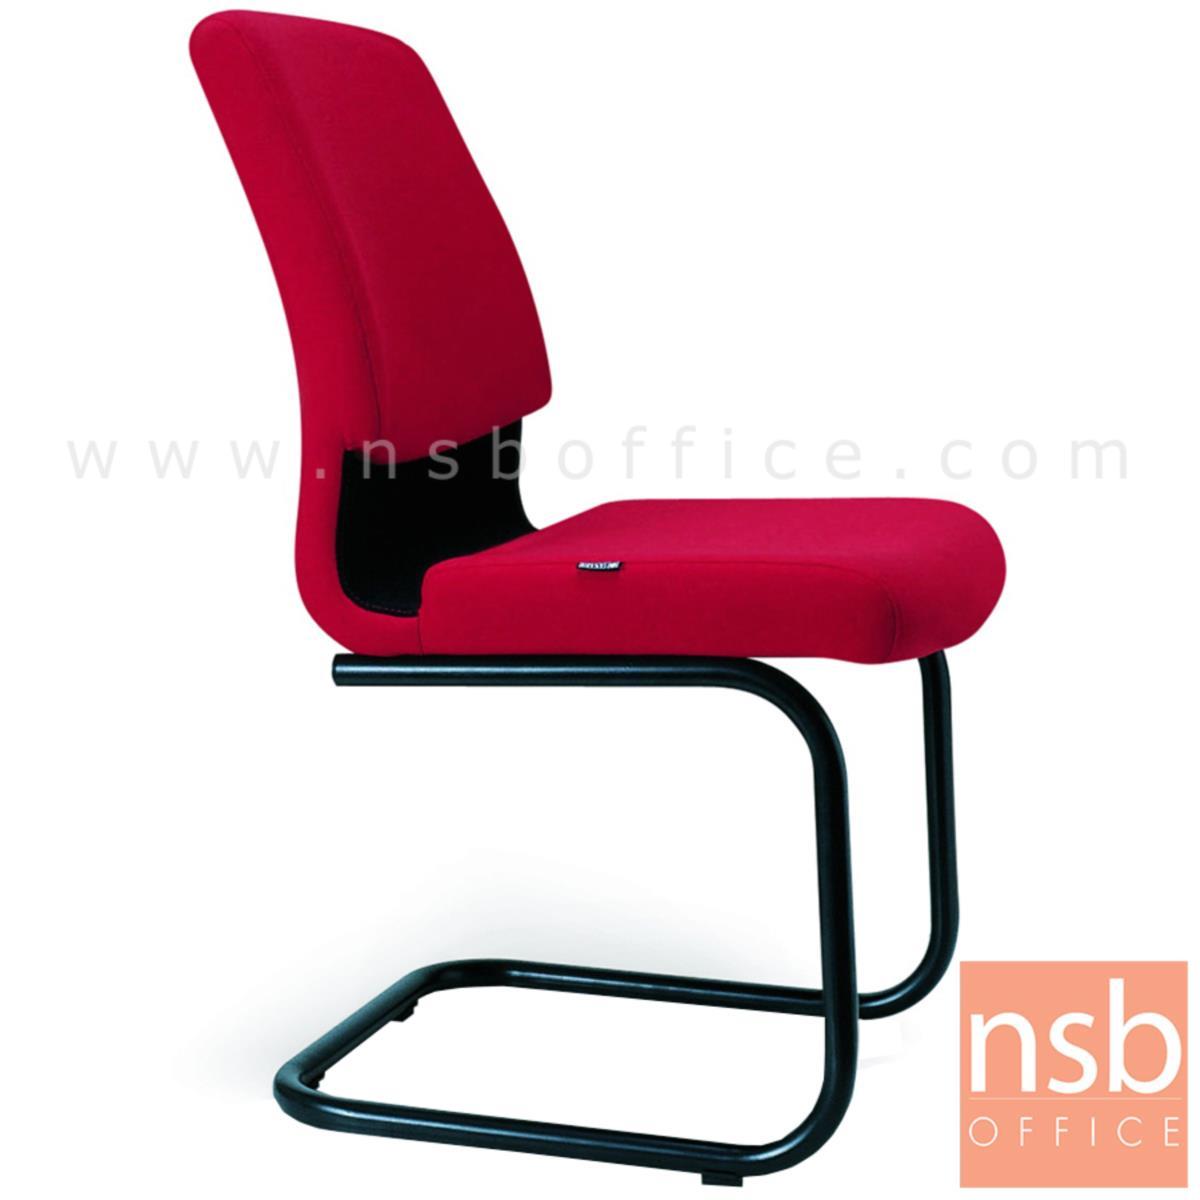 B04A152:เก้าอี้รับแขกขาตัวซี รุ่น Harvard (ฮาร์เวิร์ด)  ขาเหล็กพ่นดำ